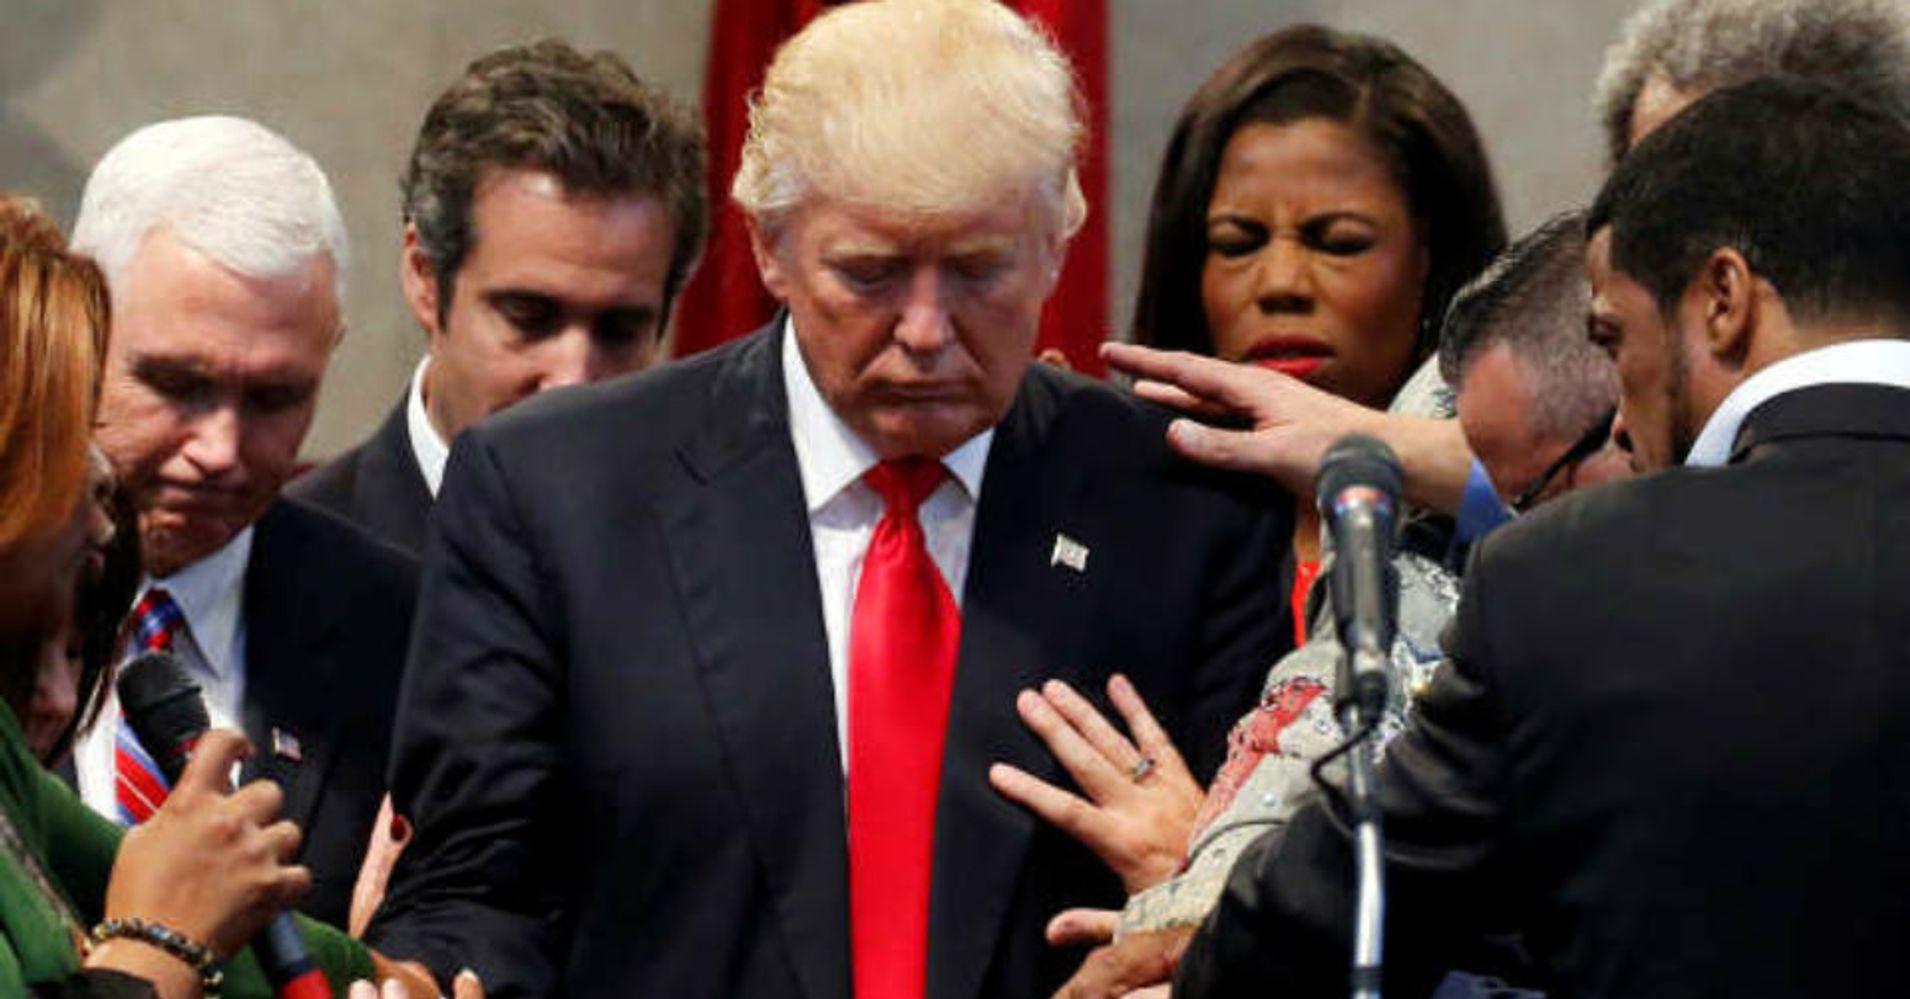 Resultado de imagem para donald trump and pastors